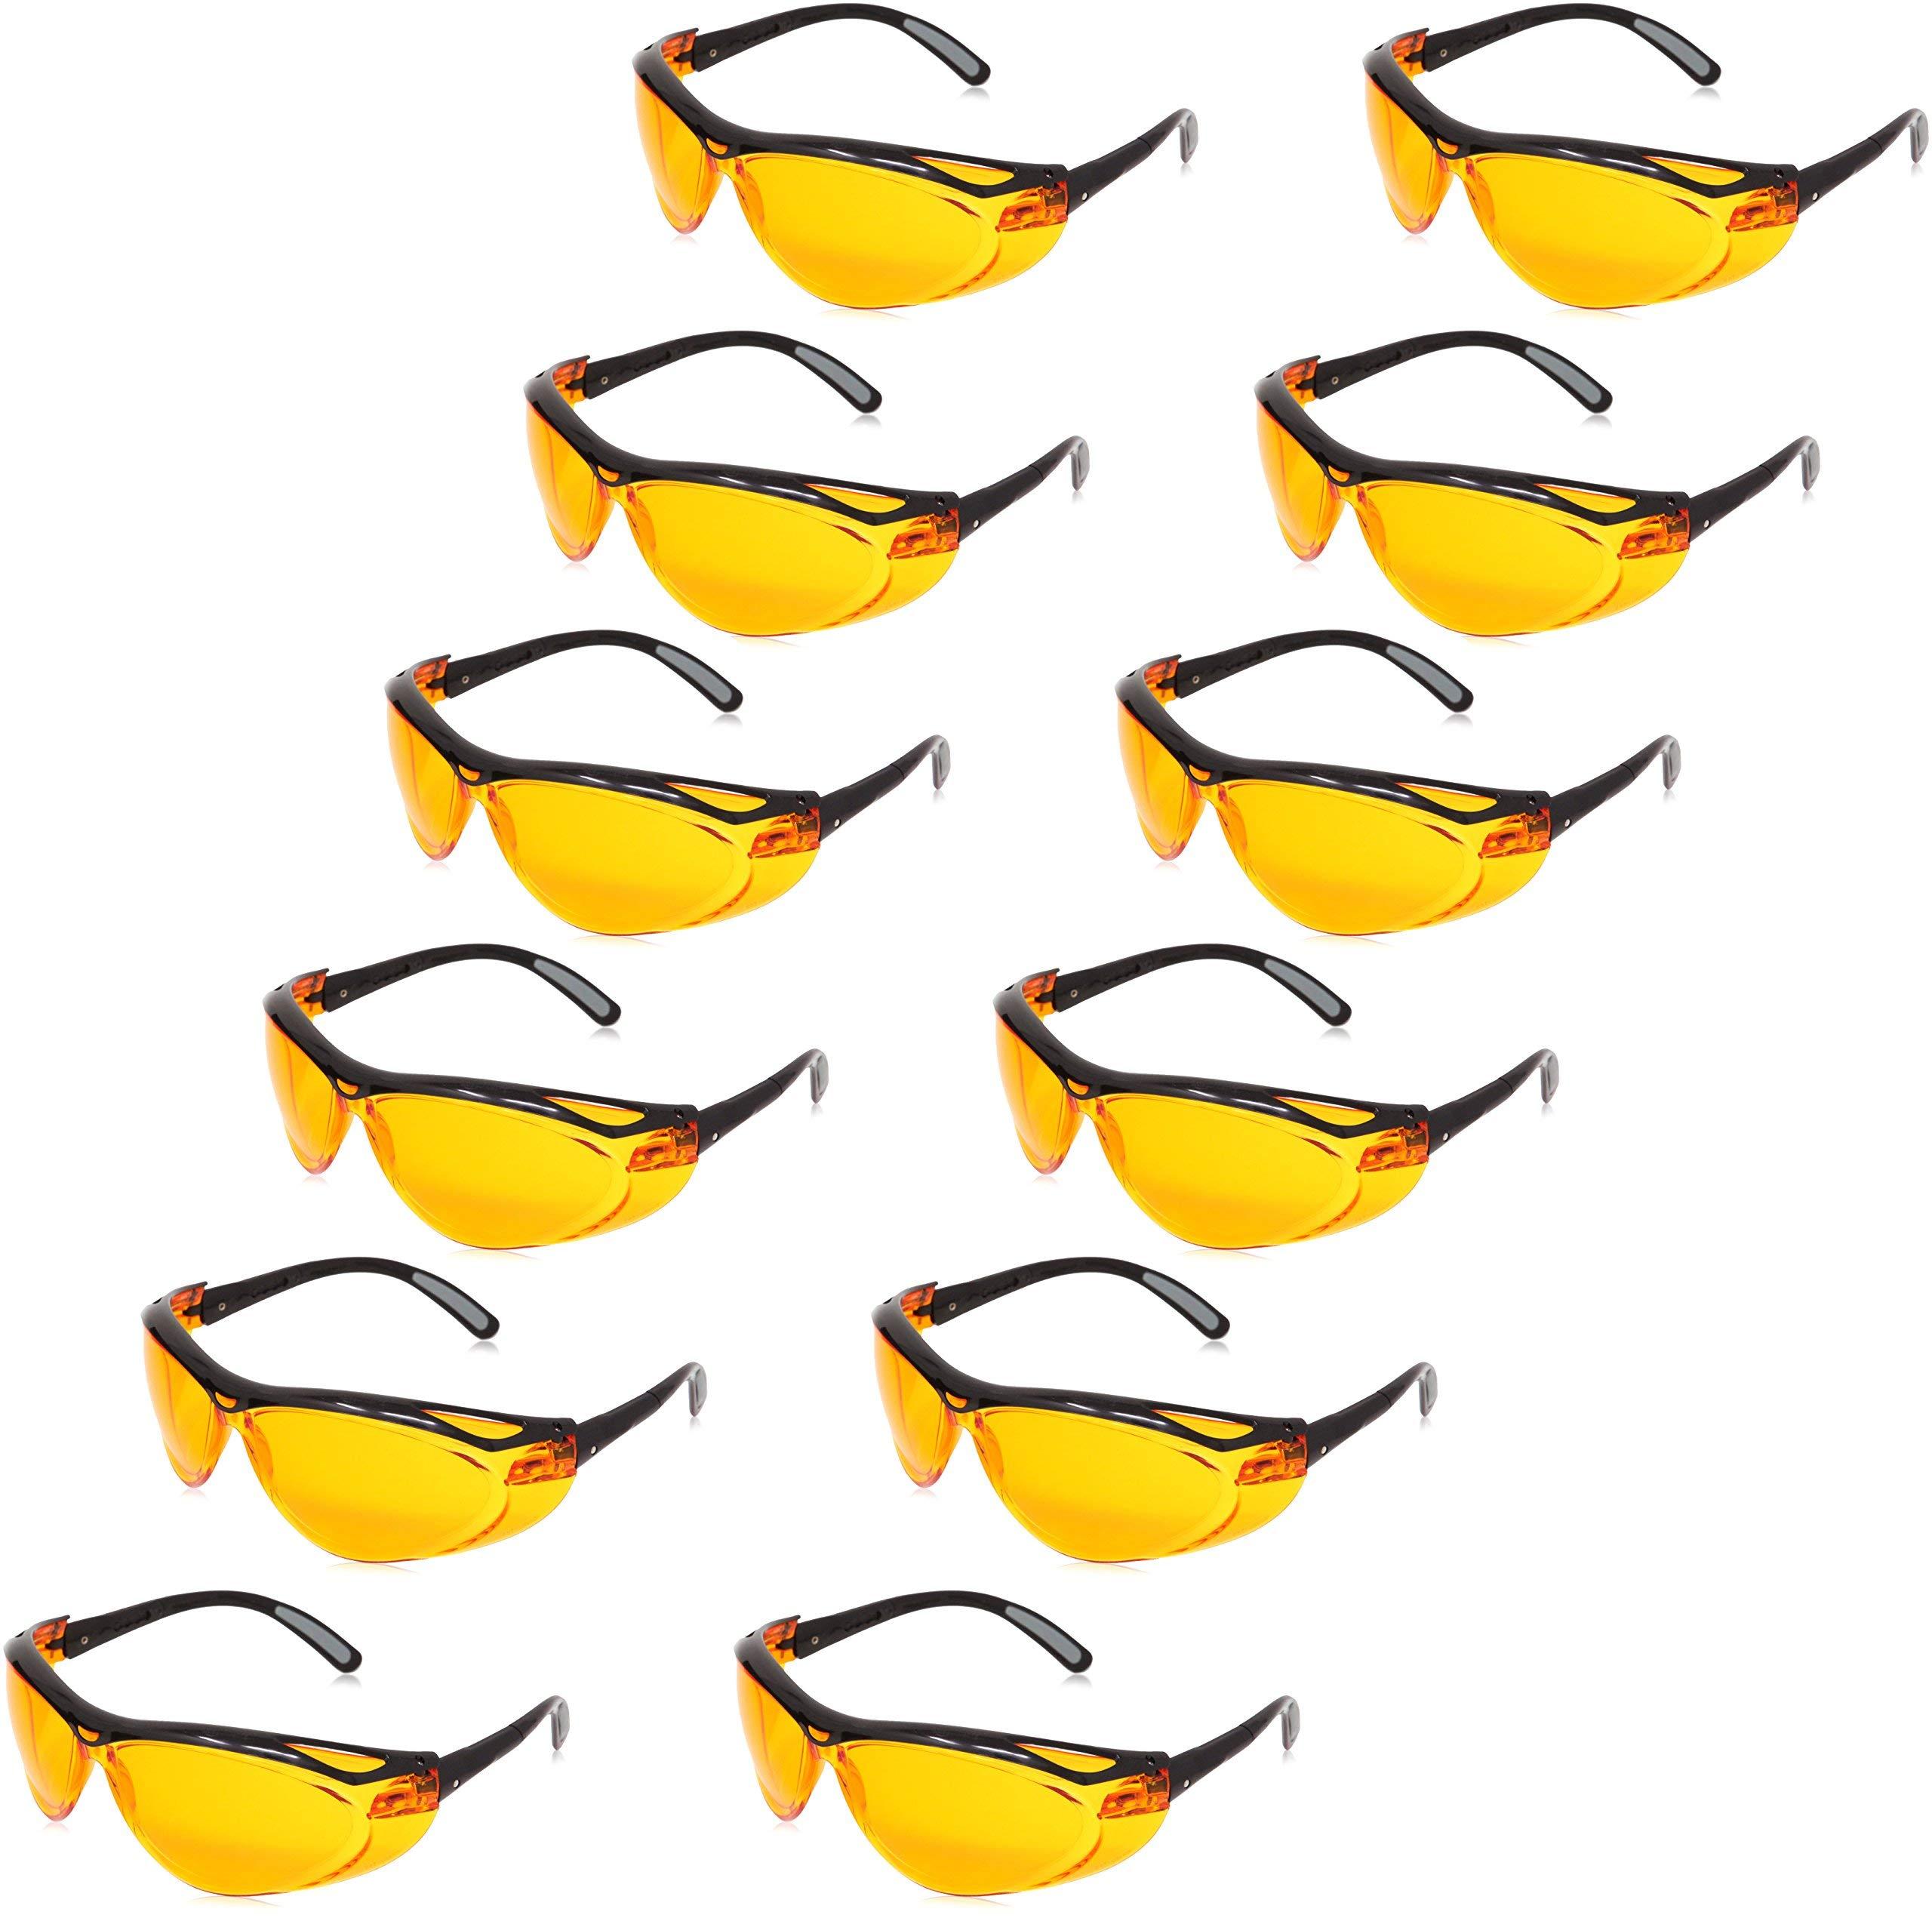 AmazonBasics Blue Light Blocking Safety Glasses Eye Protection, Anti-Fog, Orange Lens, 12-Count by AmazonBasics